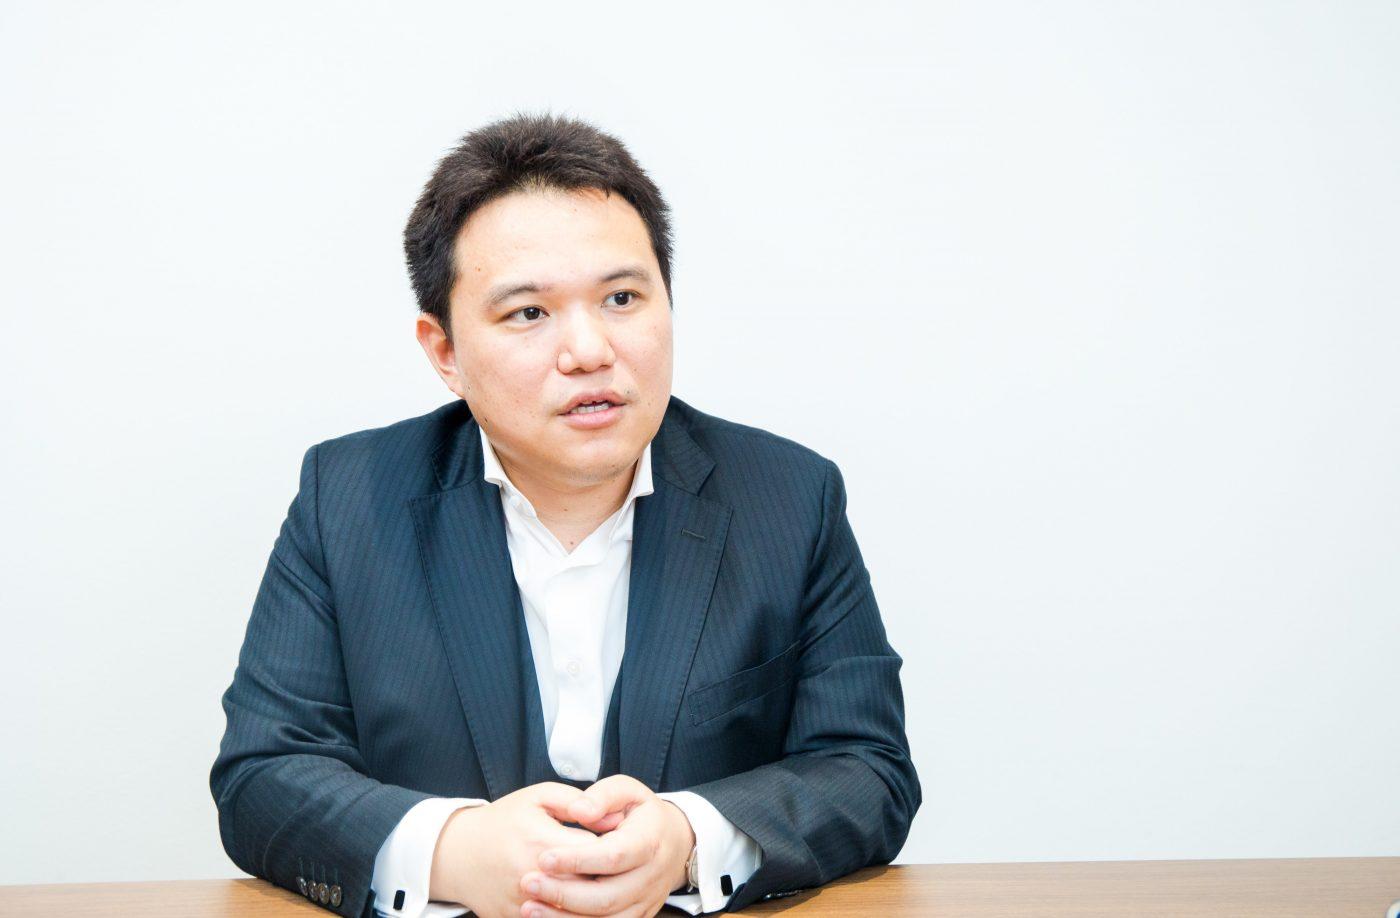 パネイル代表取締役社長名越達彦 東京工業大学工学部開発システム工学科卒業。新卒で株式会社ディー・エヌ・エー(以下、DeNA)に入社し、営業・人事・マーケティングなどに携わる。その後、株式会社エイチーム(以下、エイチーム)を経て、2012年に株式会社パネイルを創業